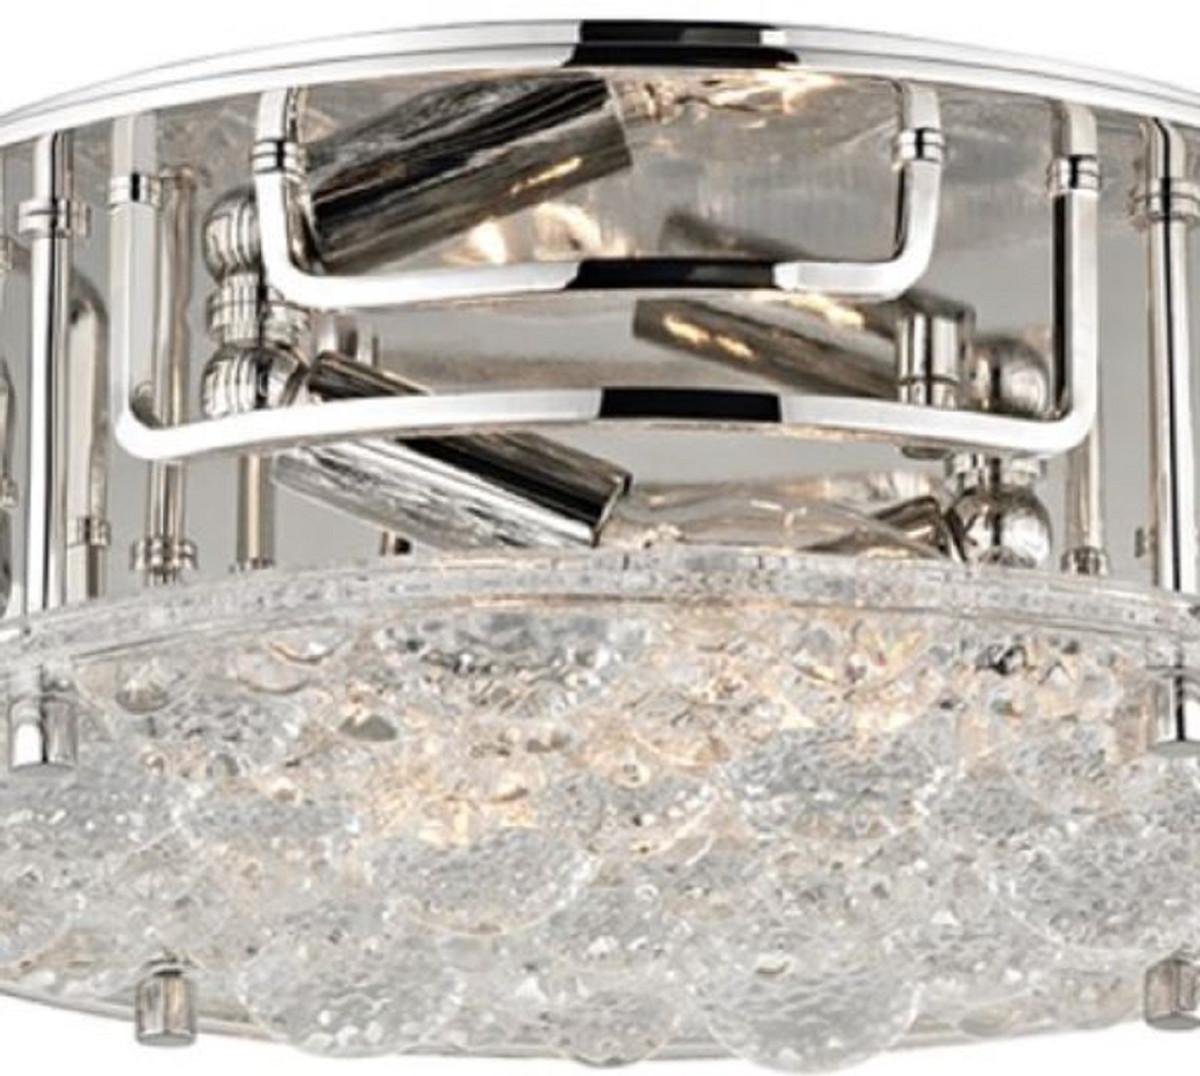 Casa Padrino Luxus Deckenleuchte Silber Ø 28,6 x H. 9,5 cm - Runde Deckenlampe mit handgefertigtem Glas - Luxus Qualität 2